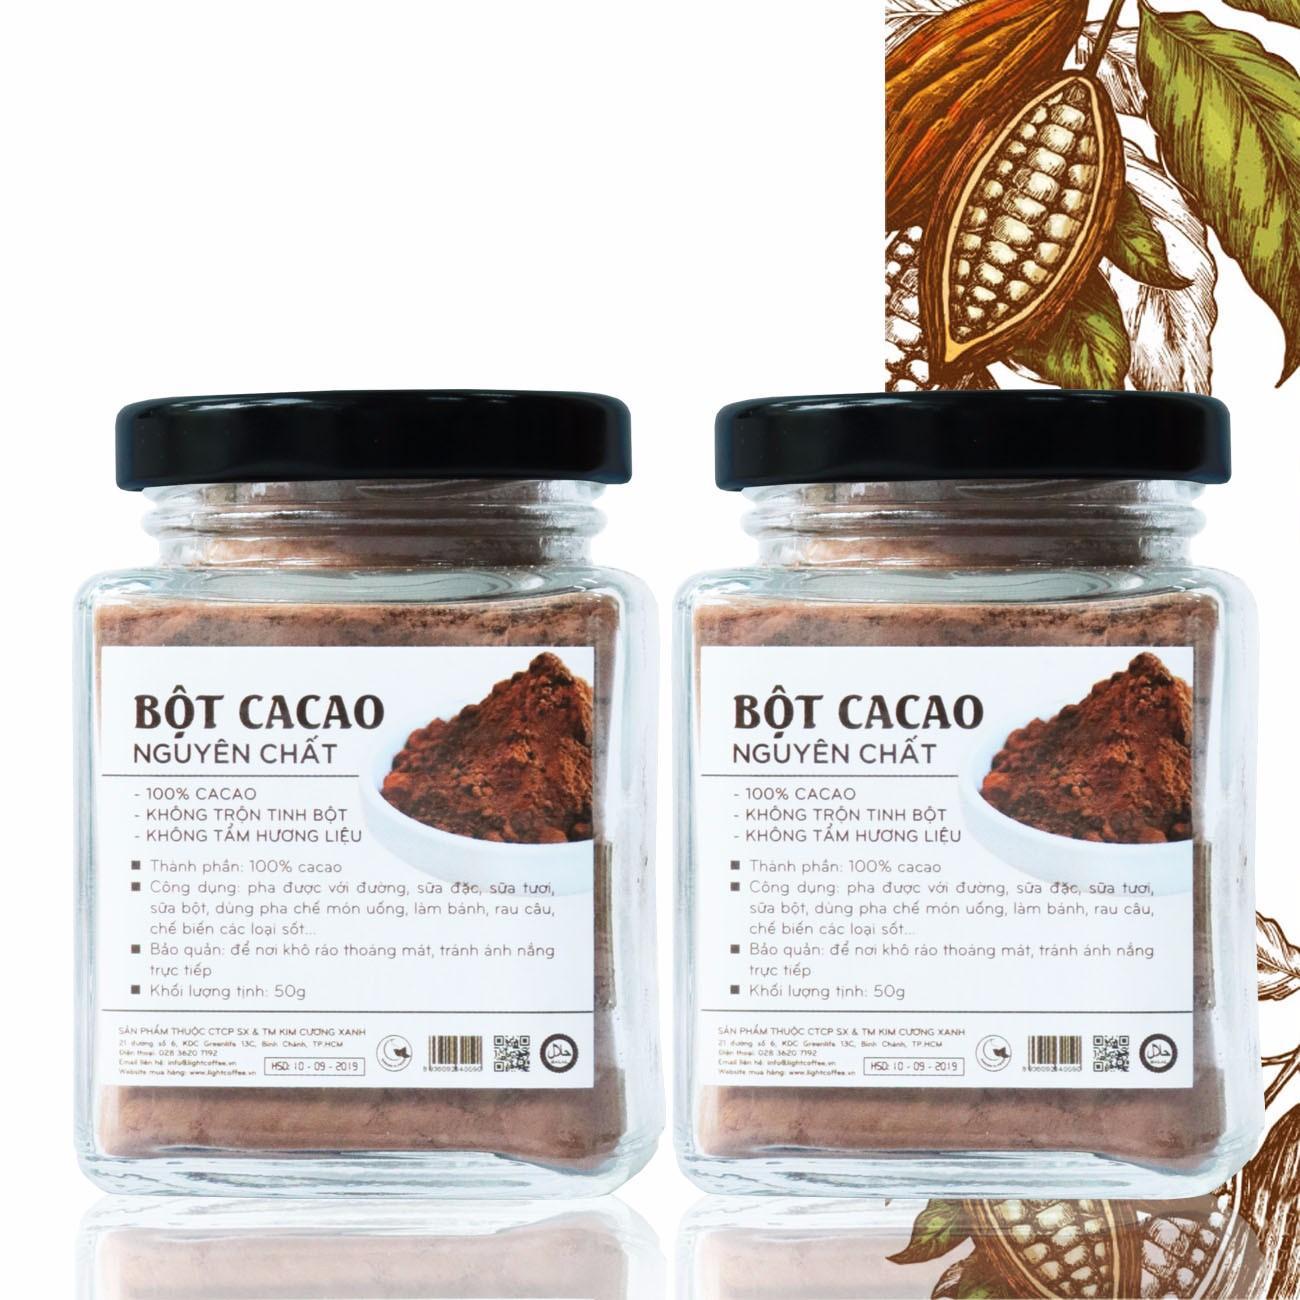 Combo 2 hũ bột cacao nguyên chất không đường Light Cacao - hũ 50gr